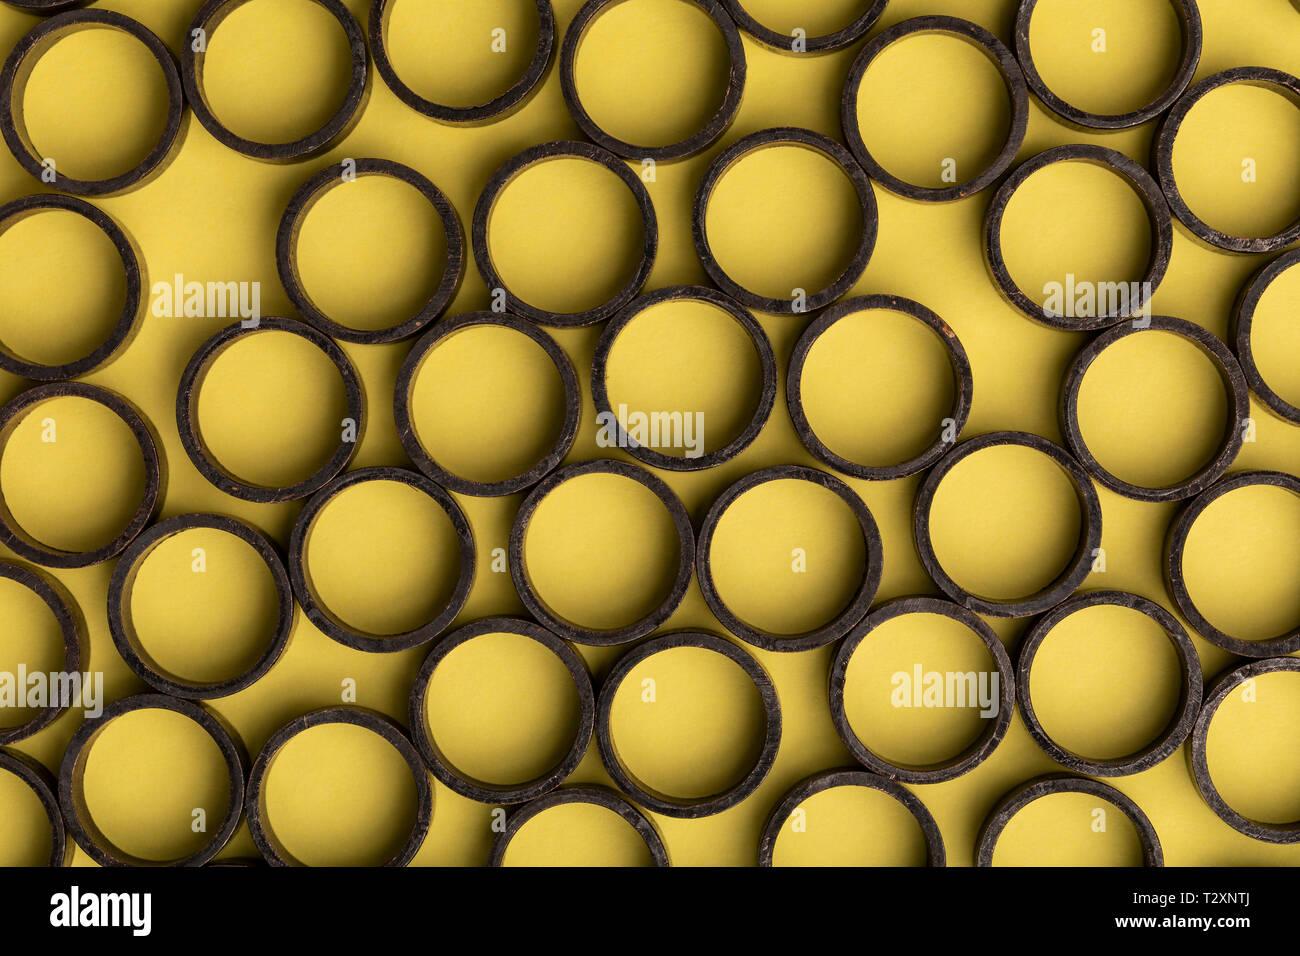 Pex Pipe Stock Photos & Pex Pipe Stock Images - Alamy